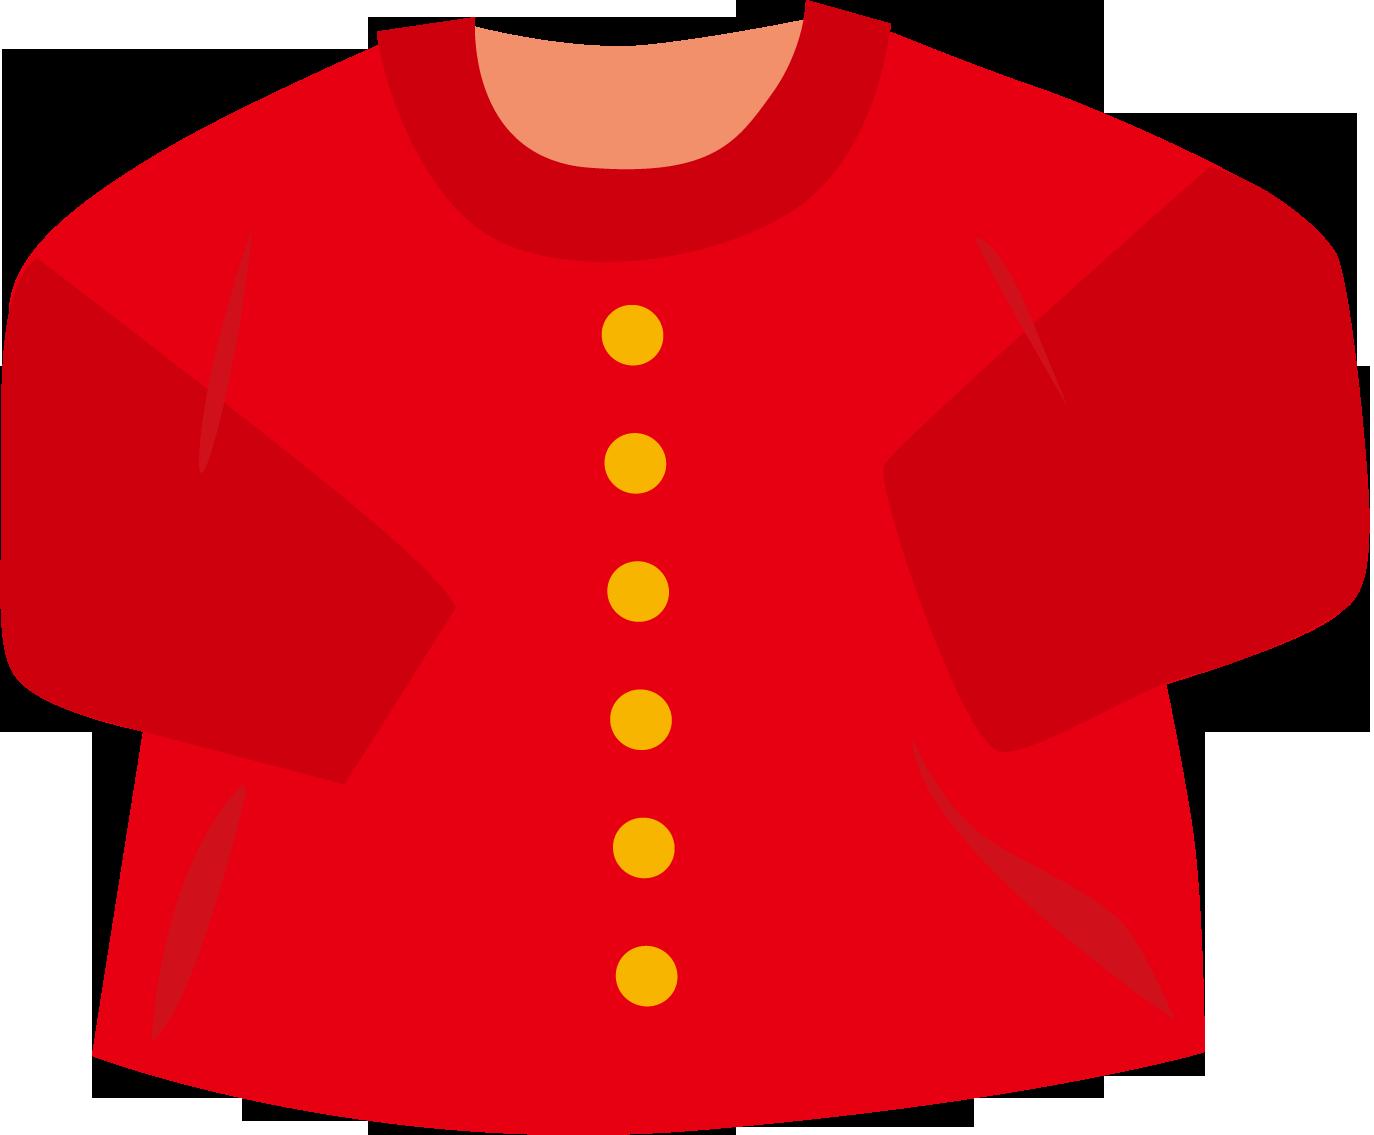 子供服、ベビー服のイラスト・フリー素材 ダウンロード05【素材っち】